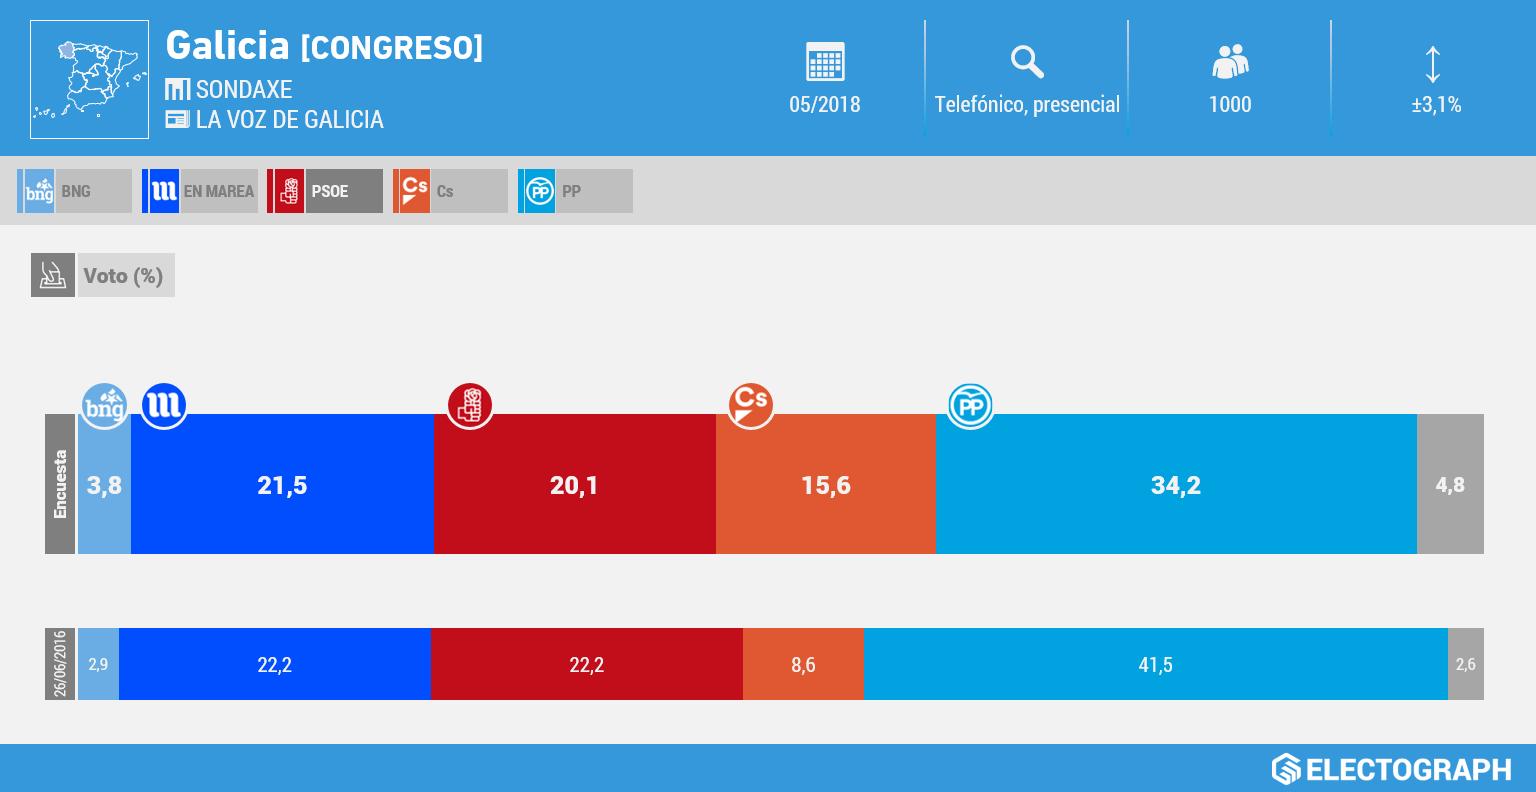 Gráfico de la encuesta para elecciones generales en Galicia realizada por Sondaxe para La Voz de Galicia en mayo de 2018